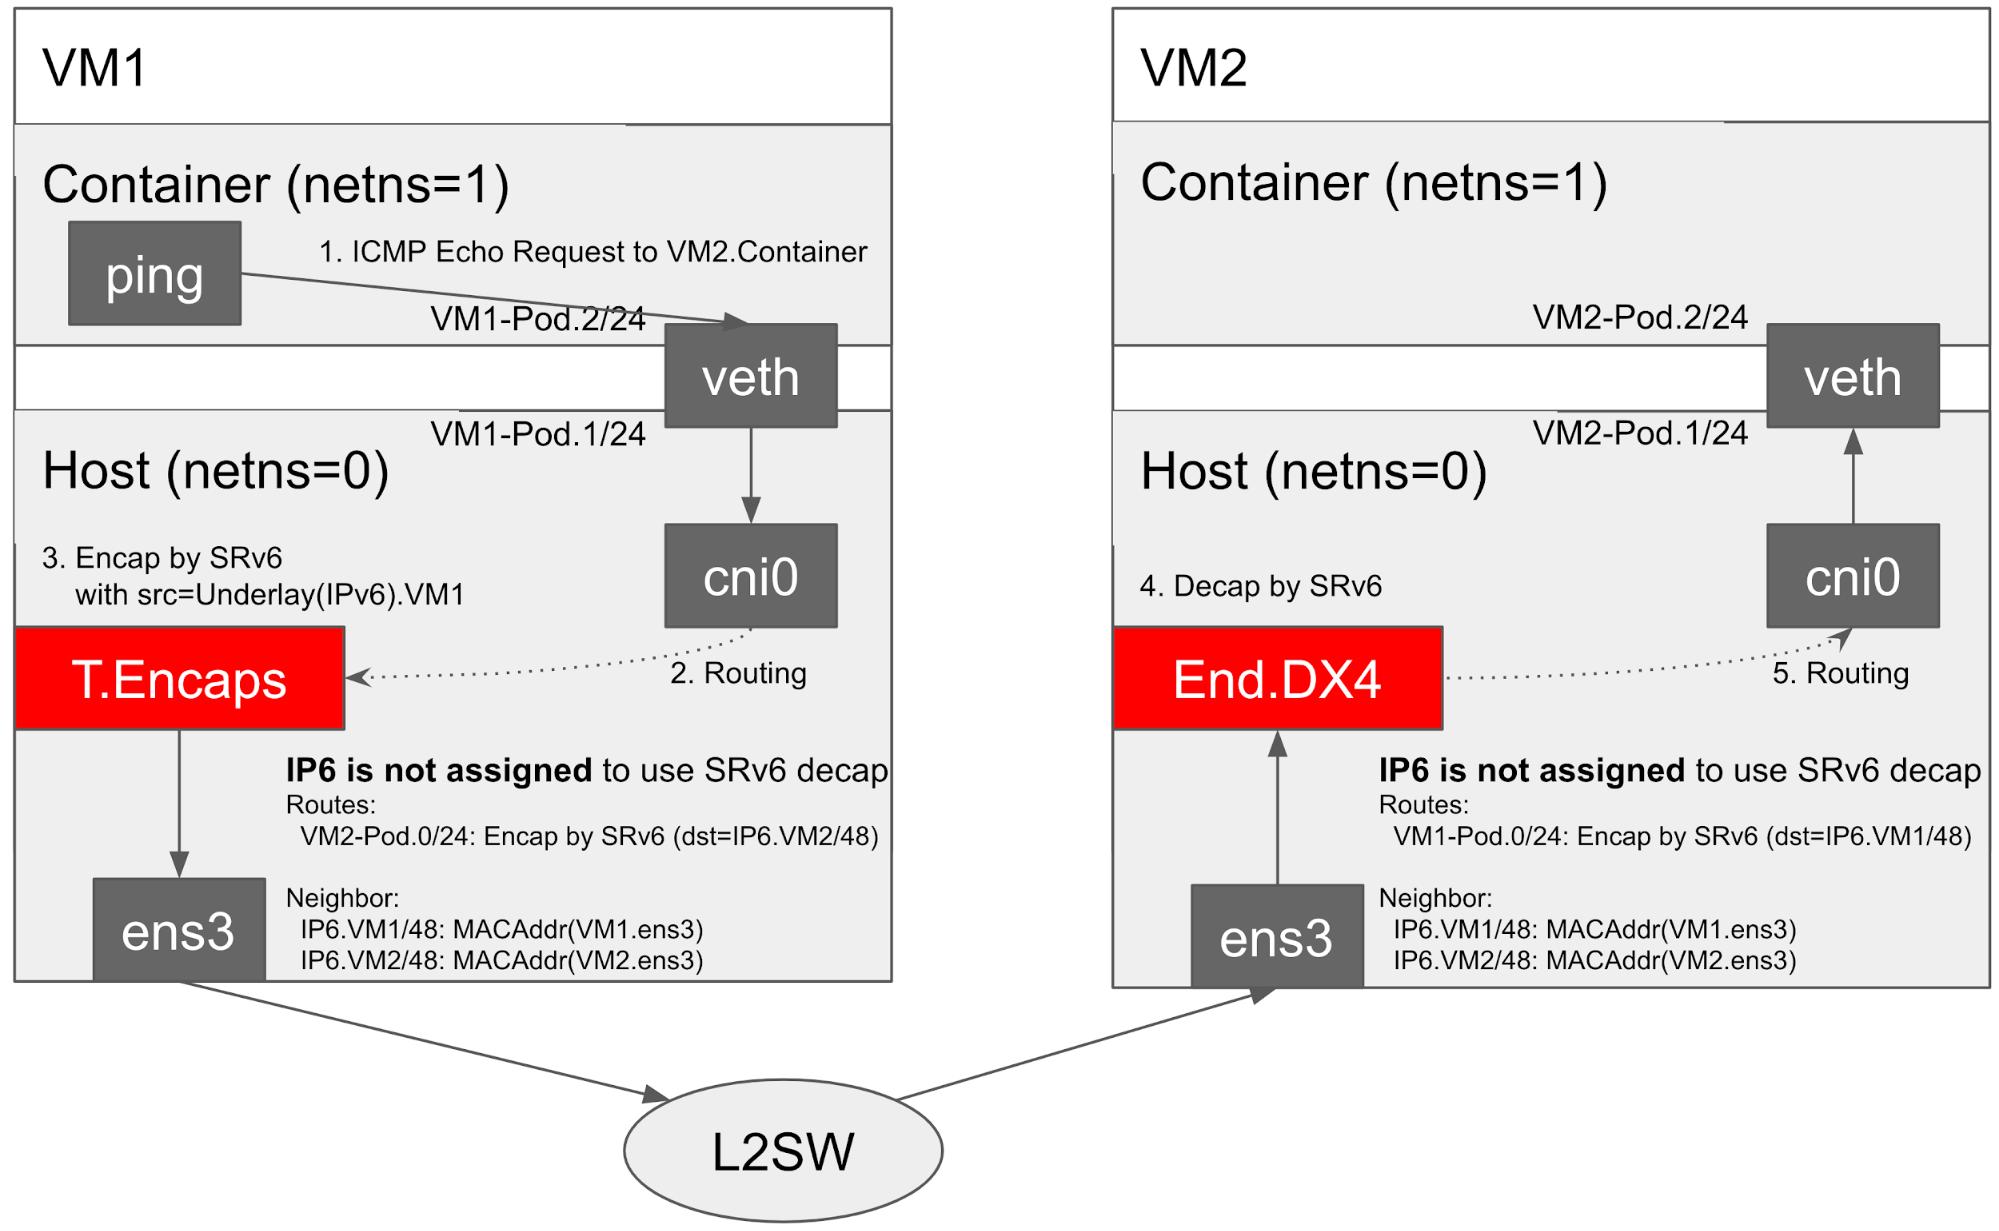 flannelにおいてSRv6を実現するため、T.EncapsとEnd.DX4を利用します。